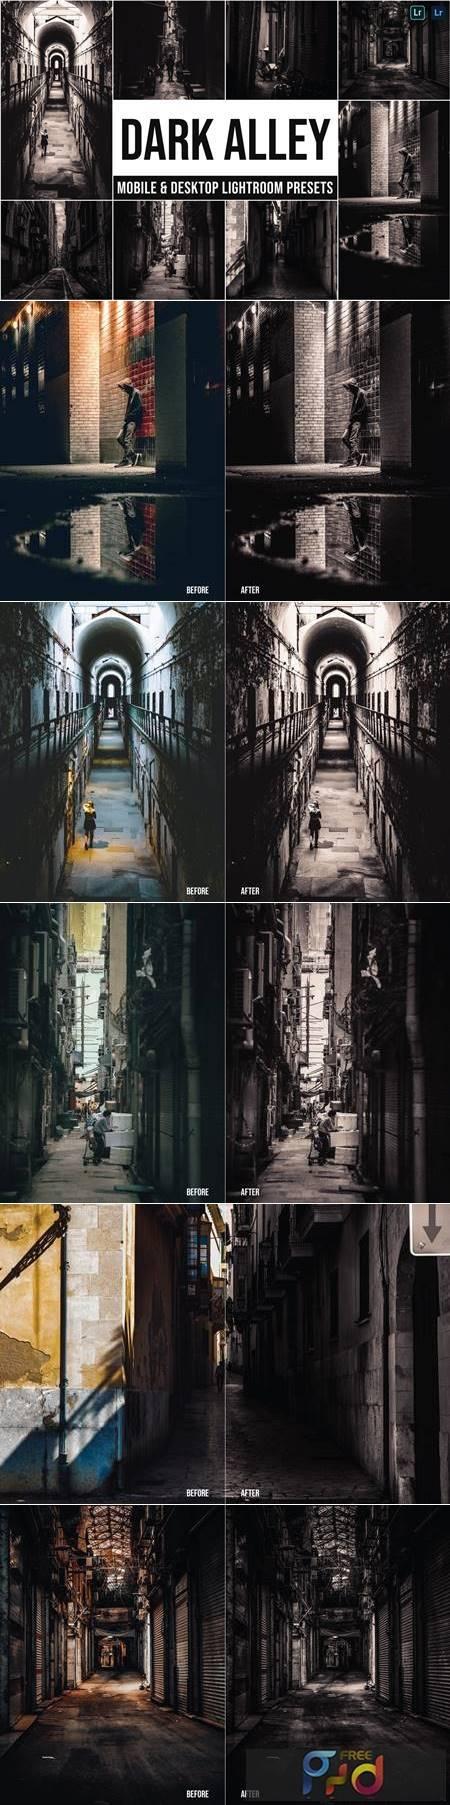 Dark Alley Mobile and Desktop Lightroom Presets RRVRYZX 1